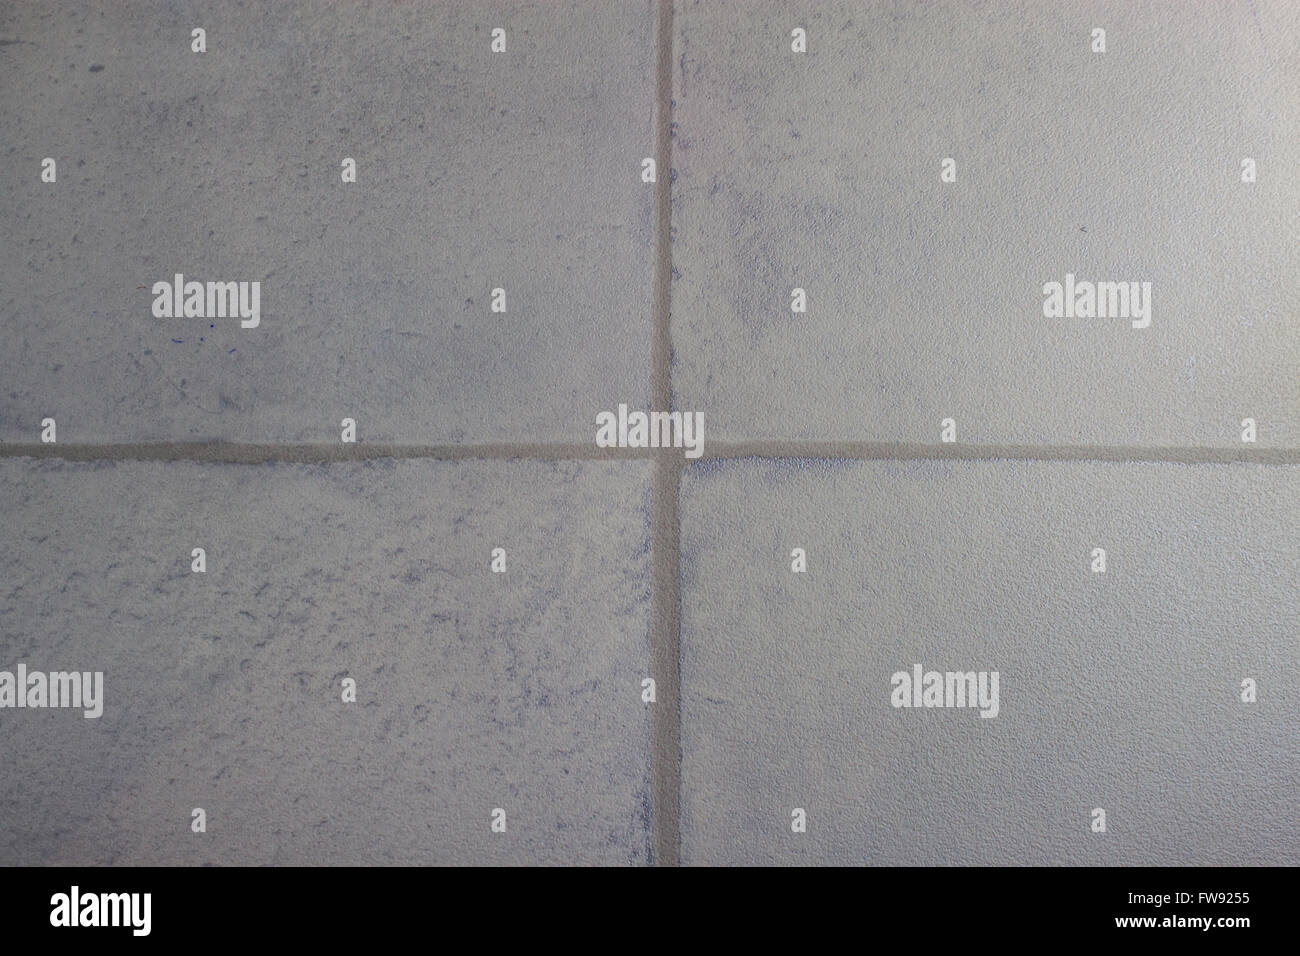 Pavimento beige piastrelle close up texture per la cucina o il bagno